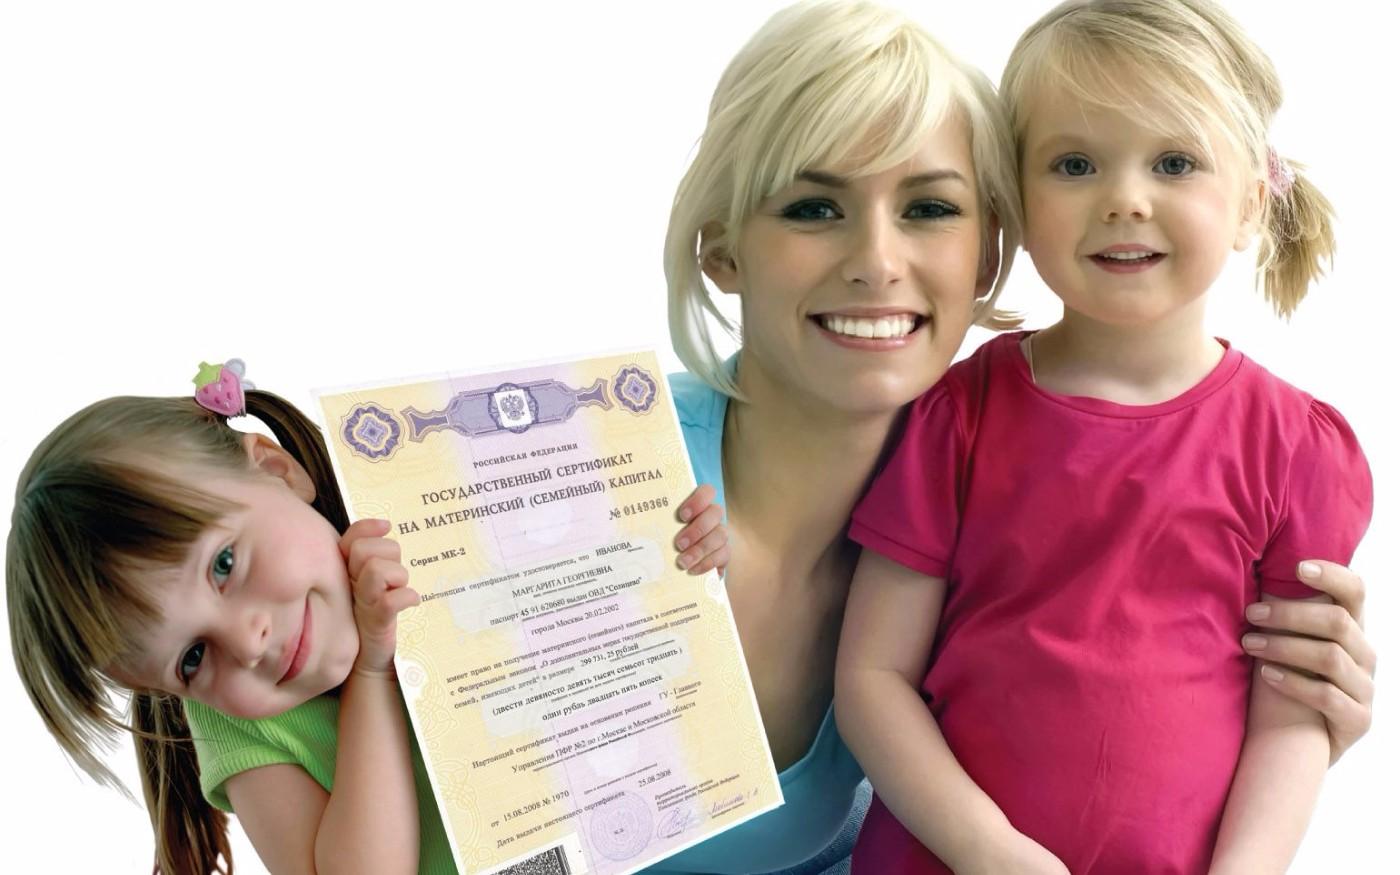 Сопровождение сделки материнским капиталом